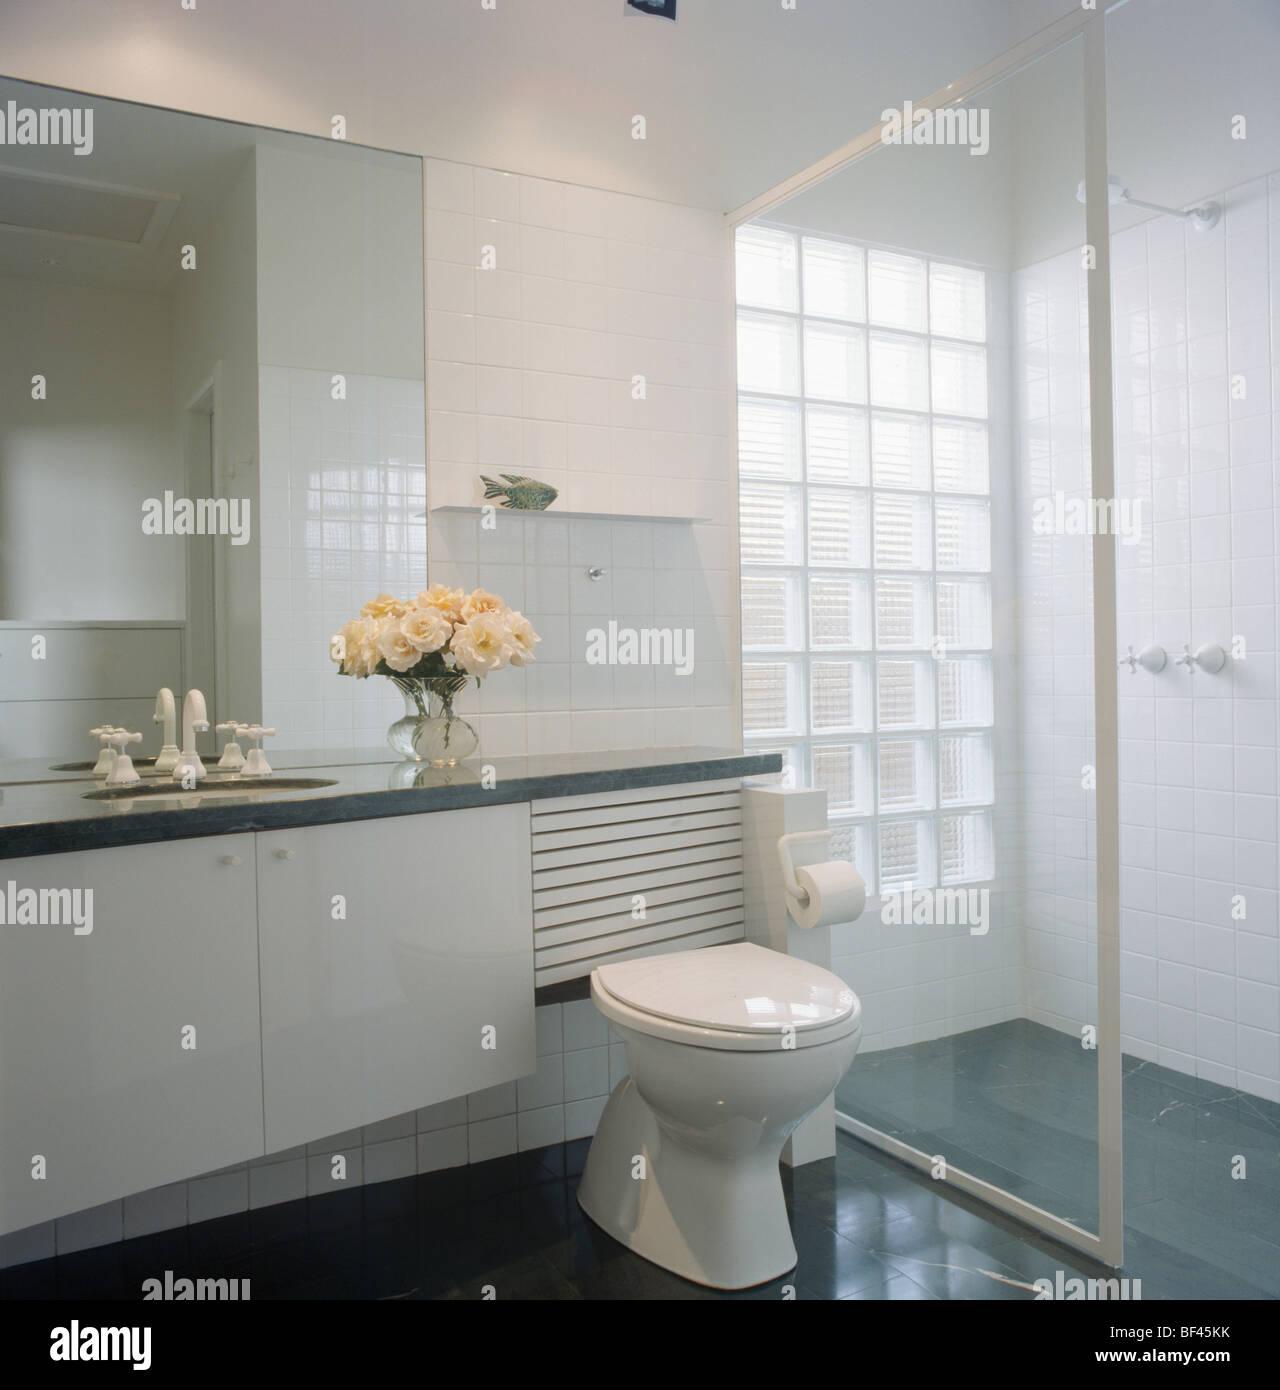 Glastür auf begehbare Dusche im modernen weißen Badezimmer mit Glas ...